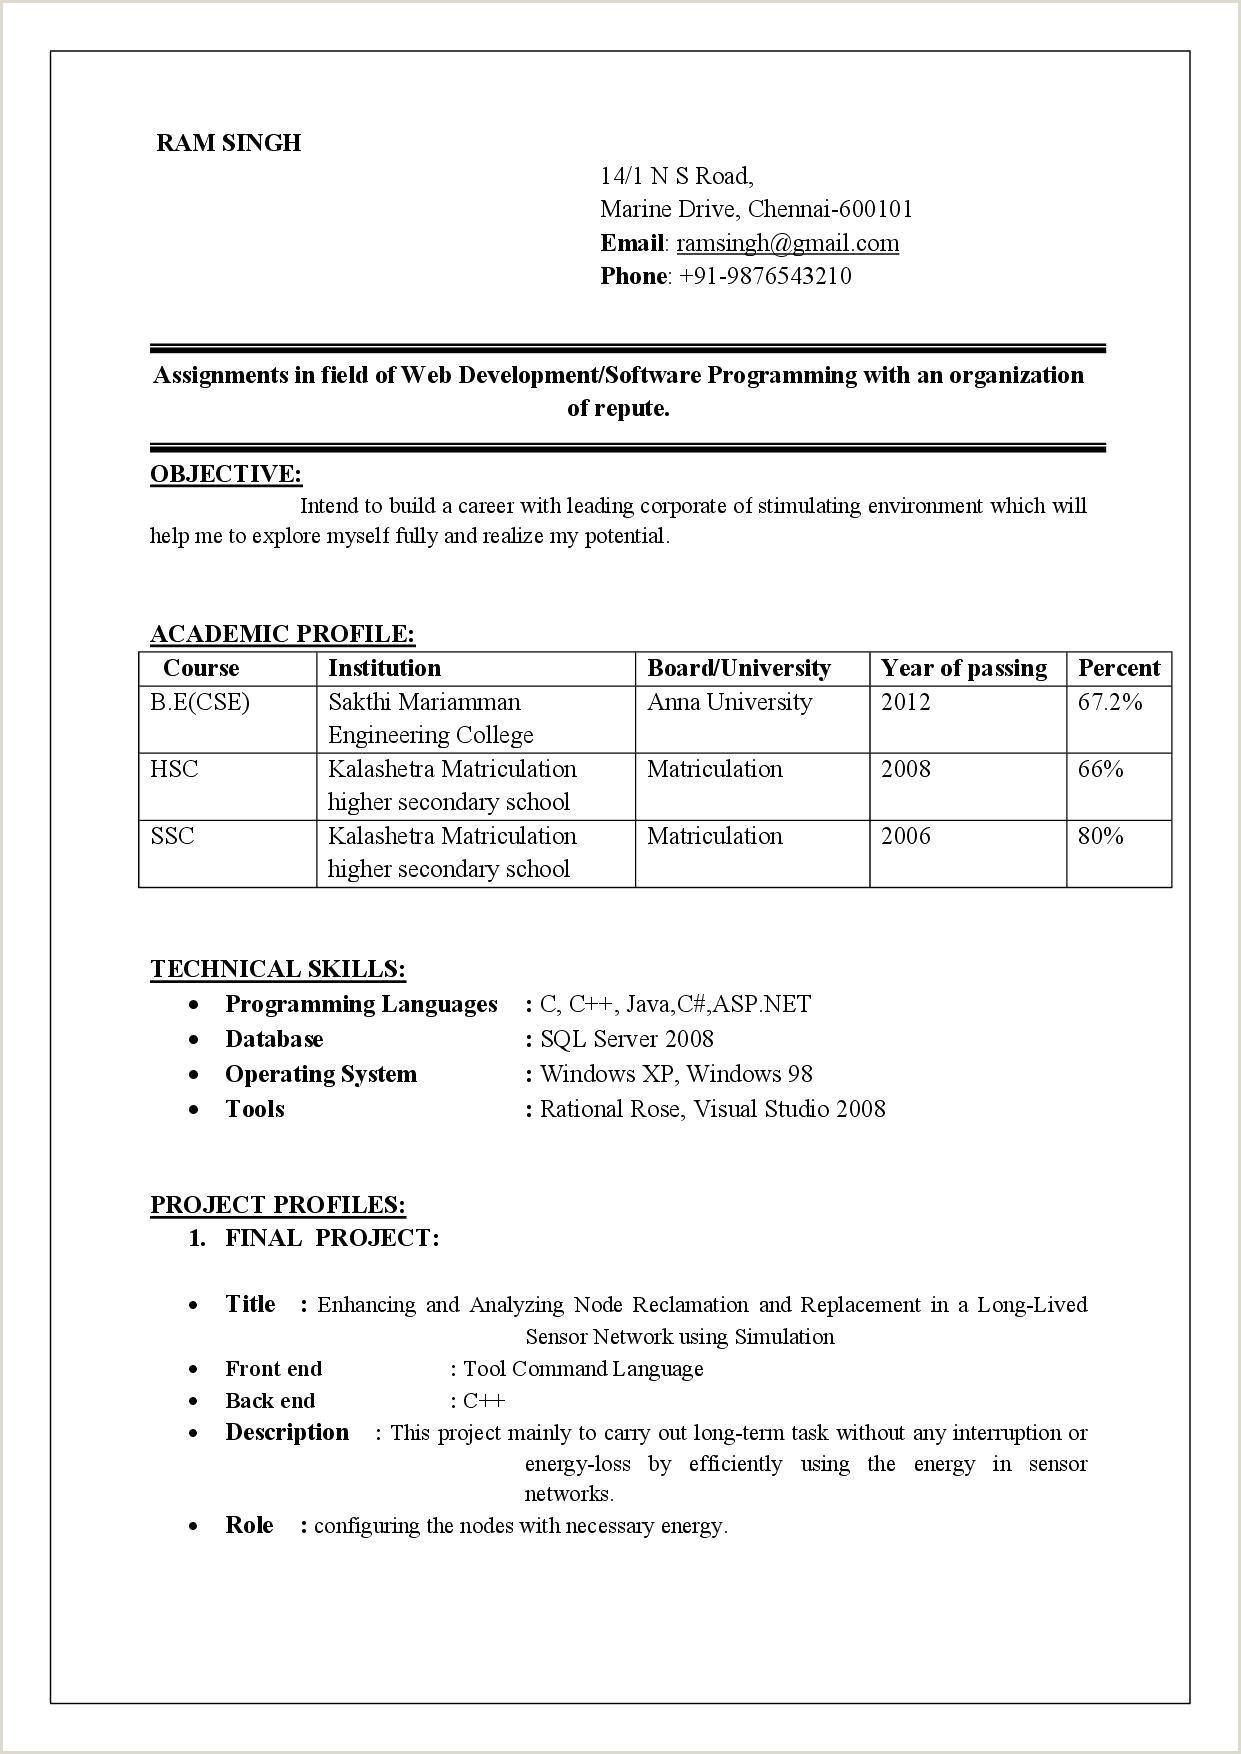 Fresher Resume format Doc Resume formats for Fresher New Resume Freshers format Sample